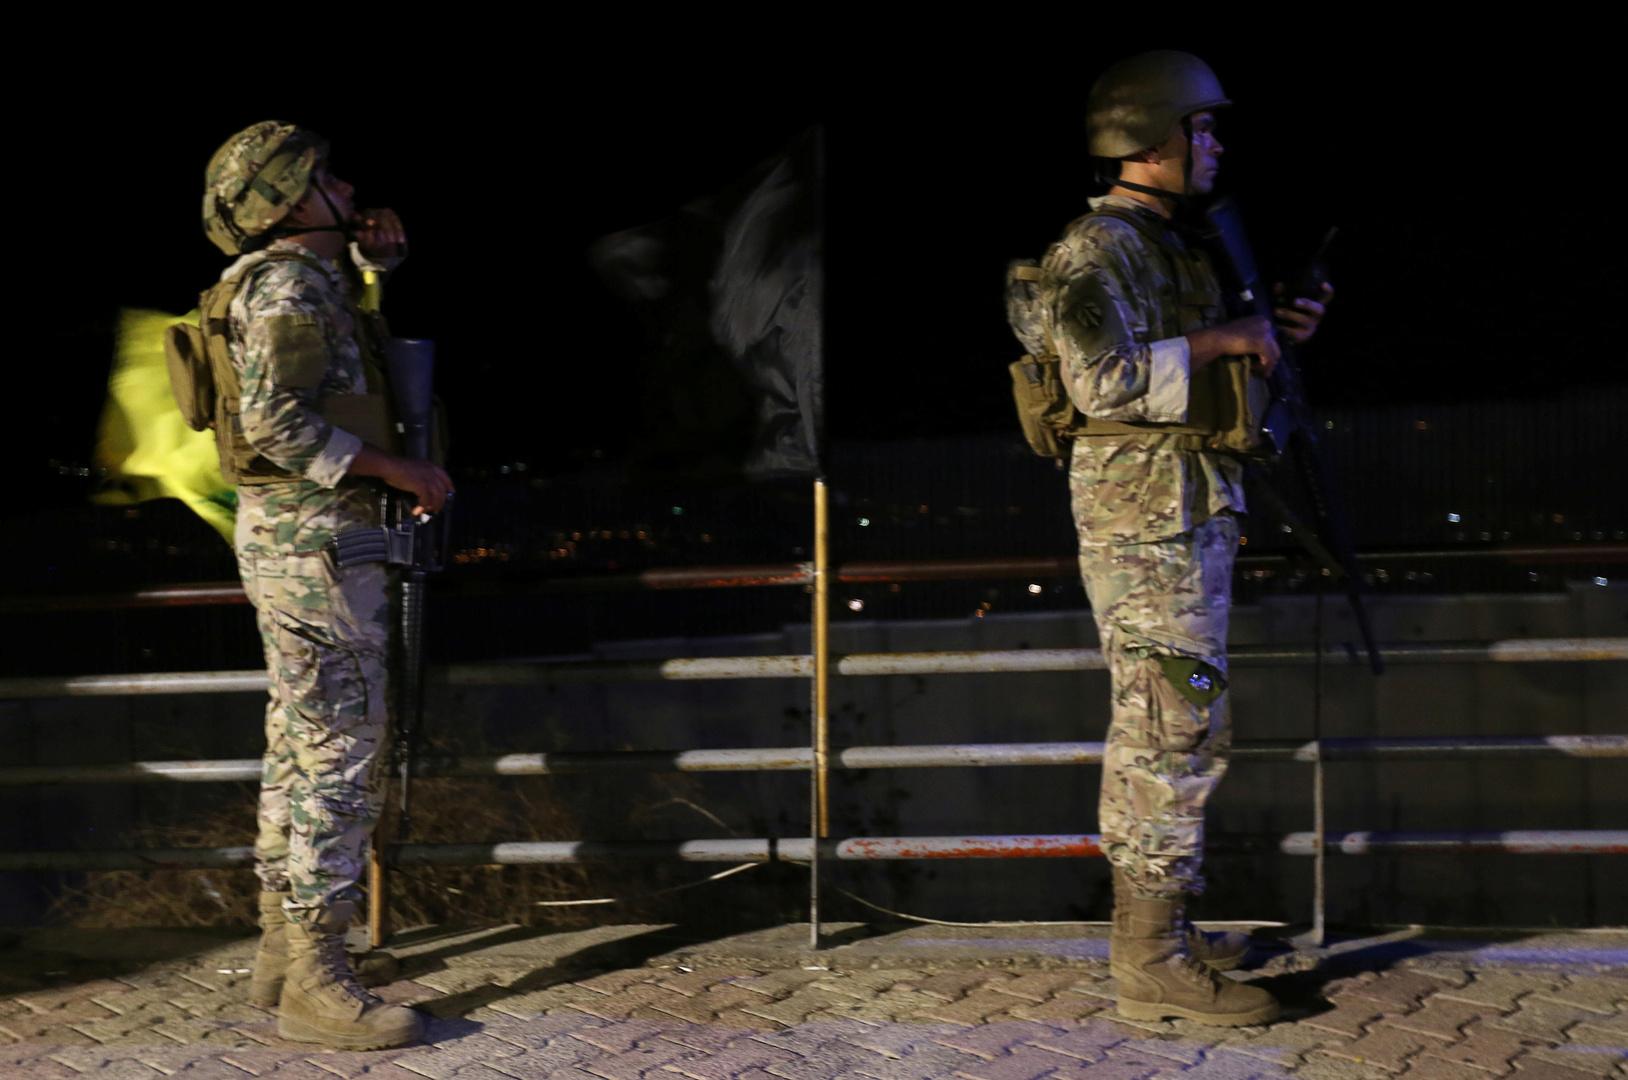 الاحتلال يعتقل 3 سودانيين حاولوا التسلل من لبنان